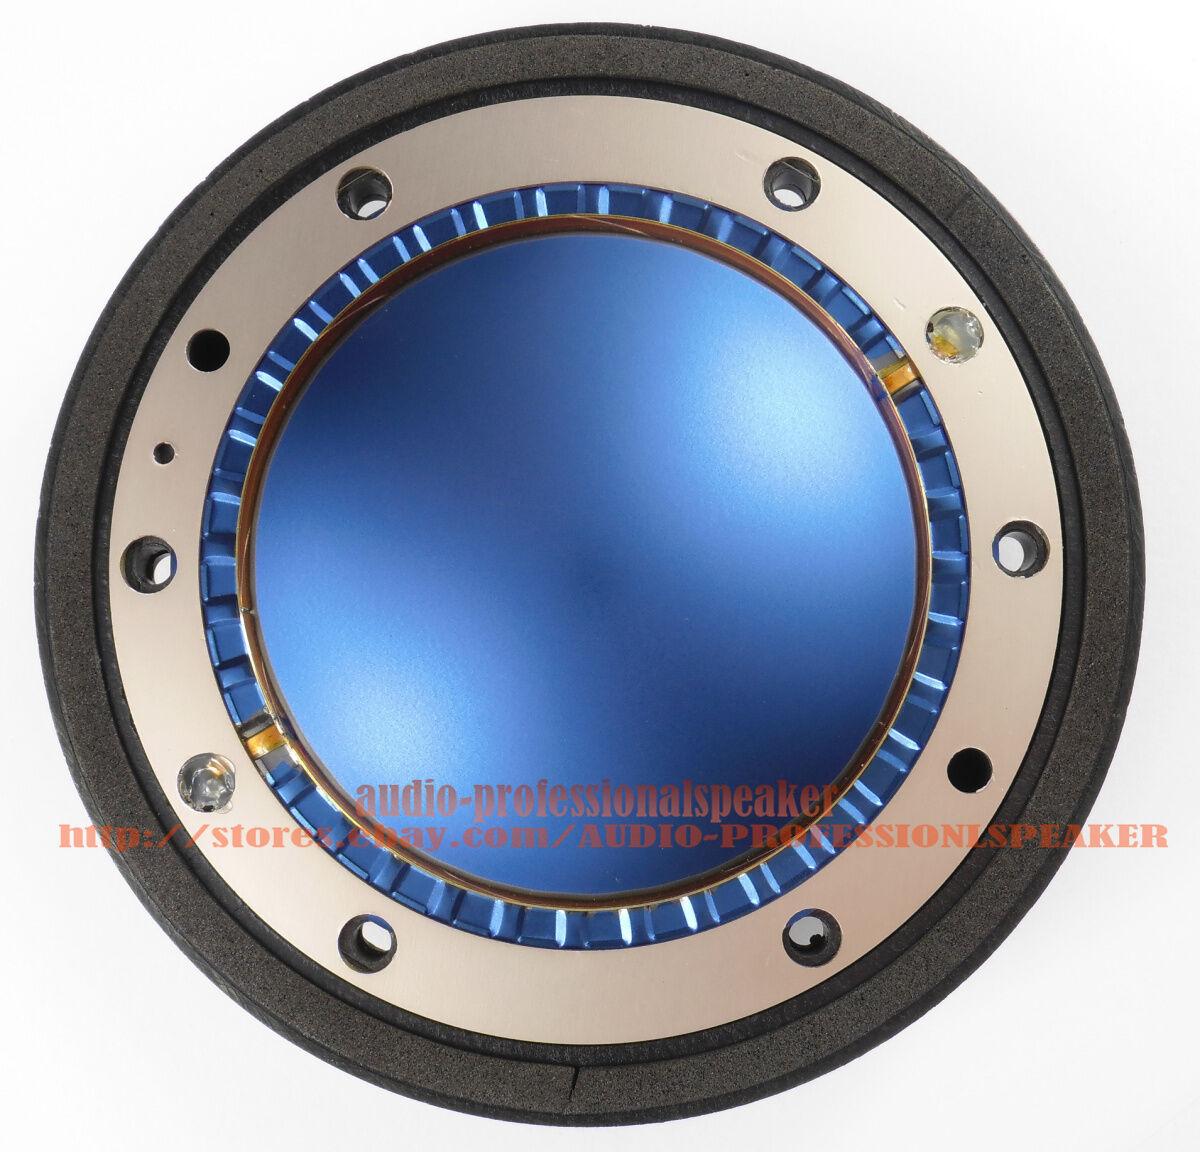 Tweeter de diafragma diafragma diafragma de 4PCS para EV Electro DH5, DH5 8WPX Voice, DH6, DH6 6, DH7 8 Ohm 31a9d4